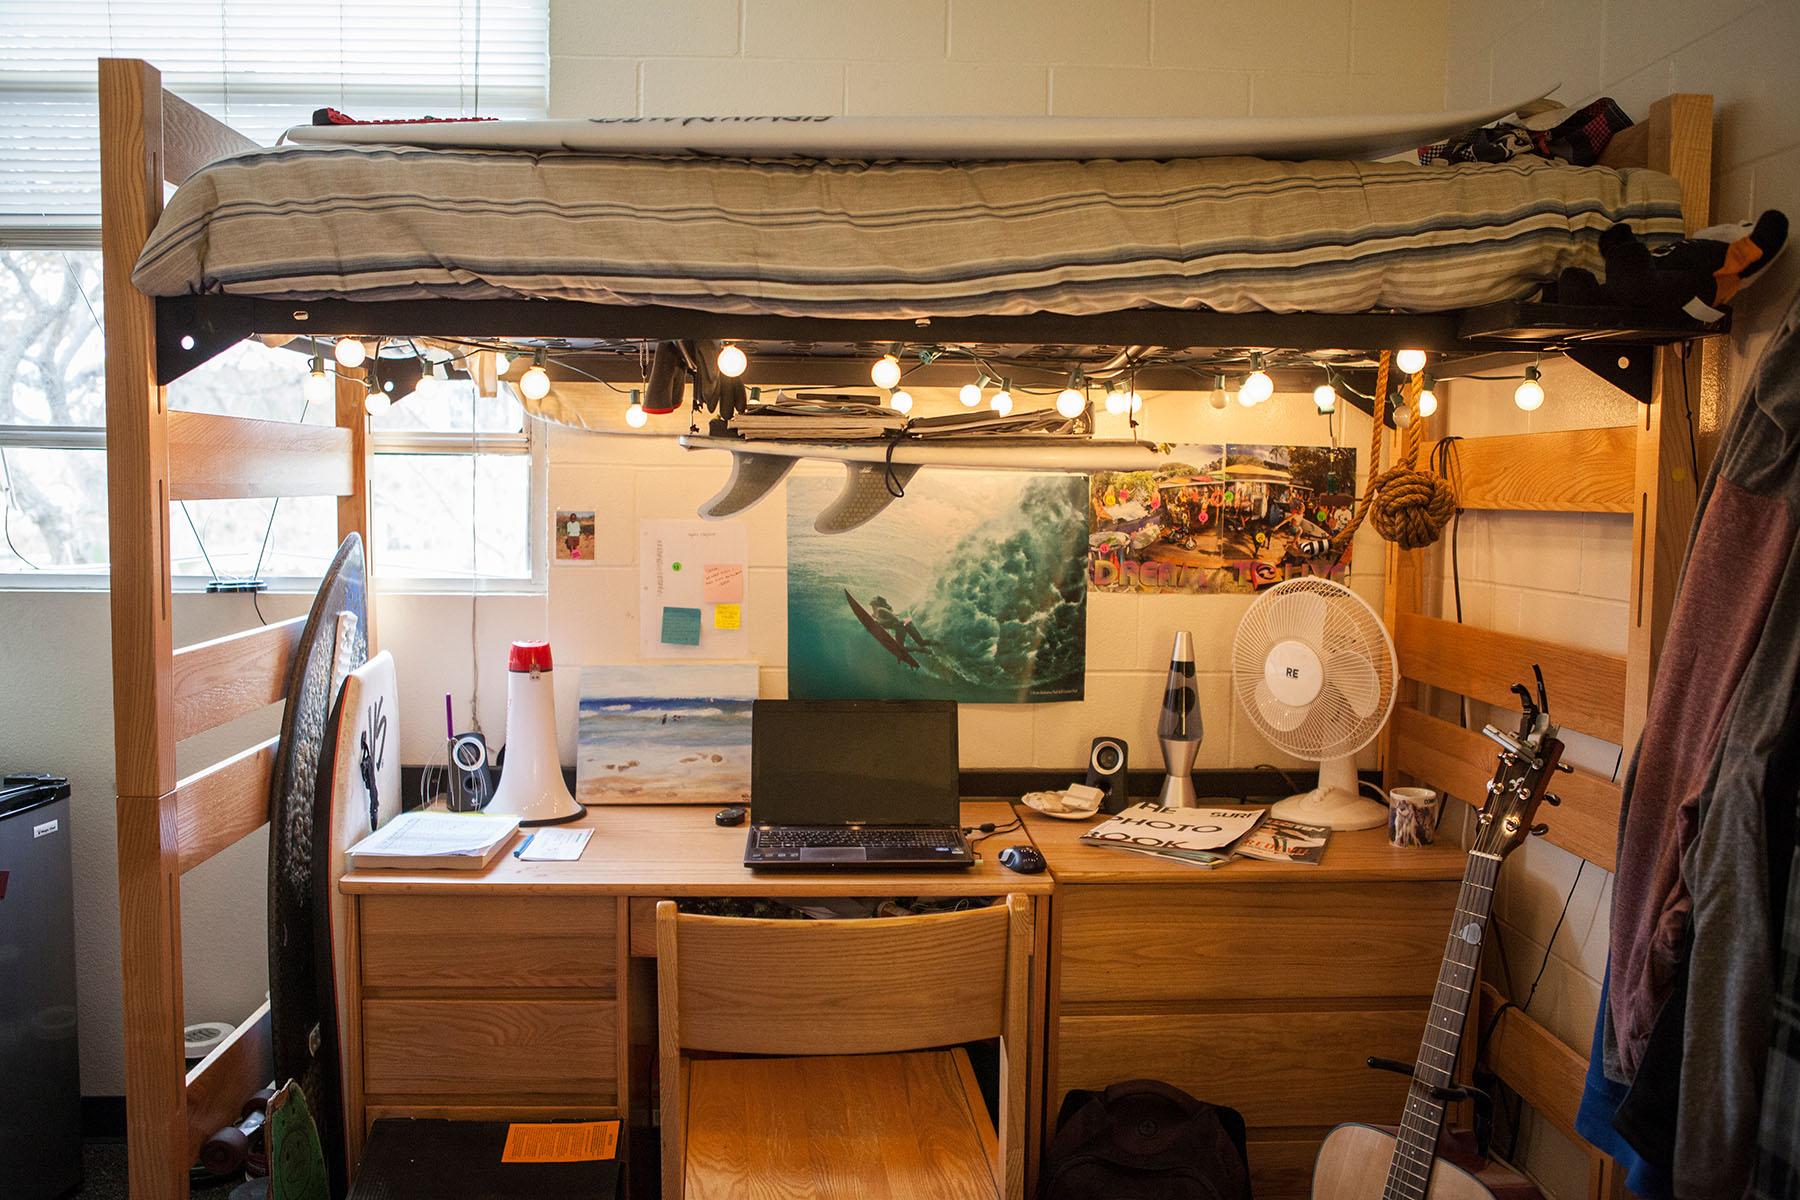 Vanguard University Dorm Rooms